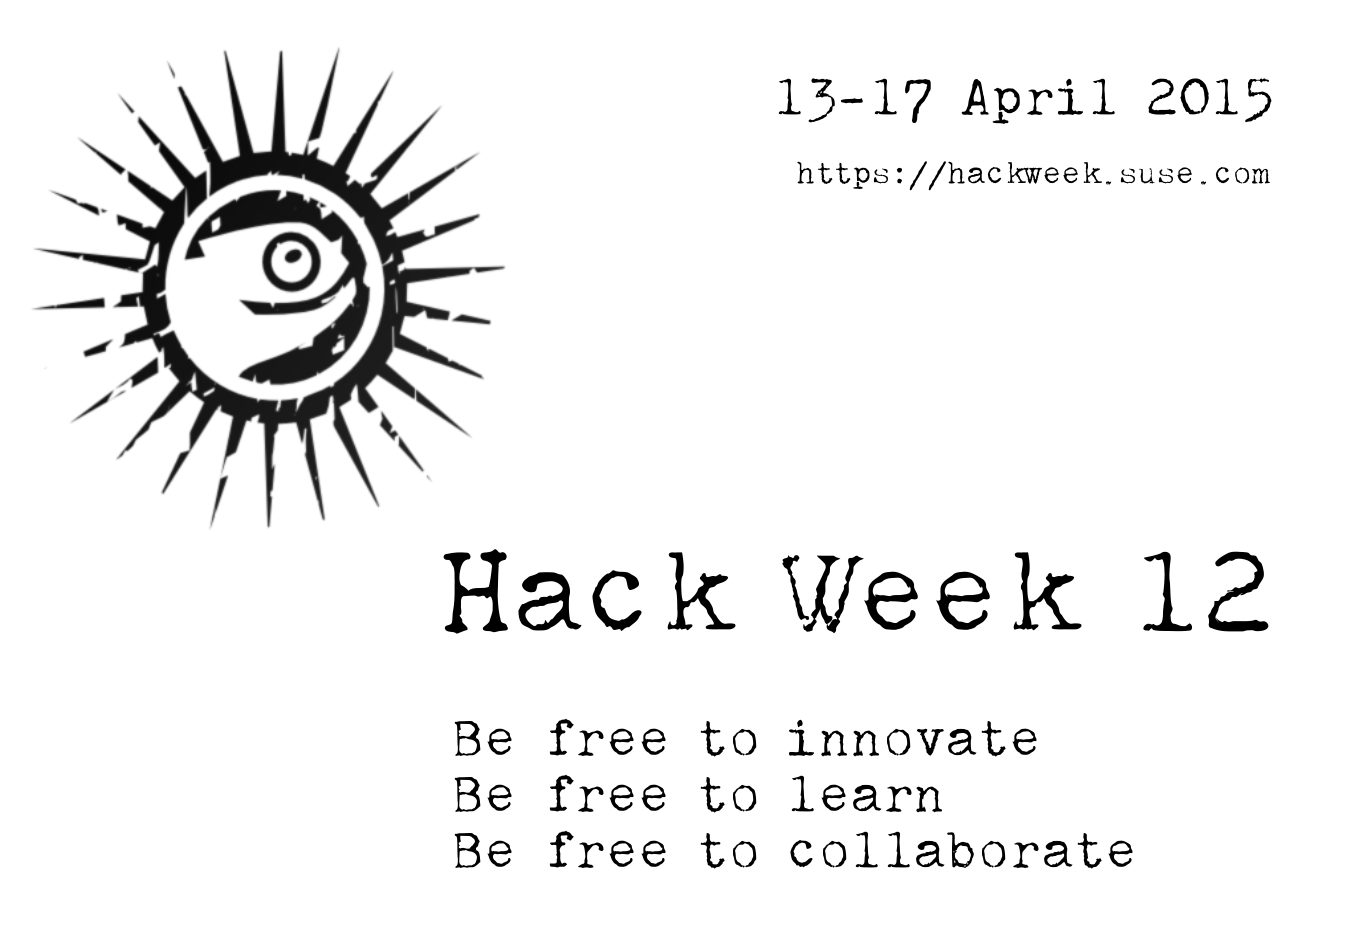 Hack Week 12